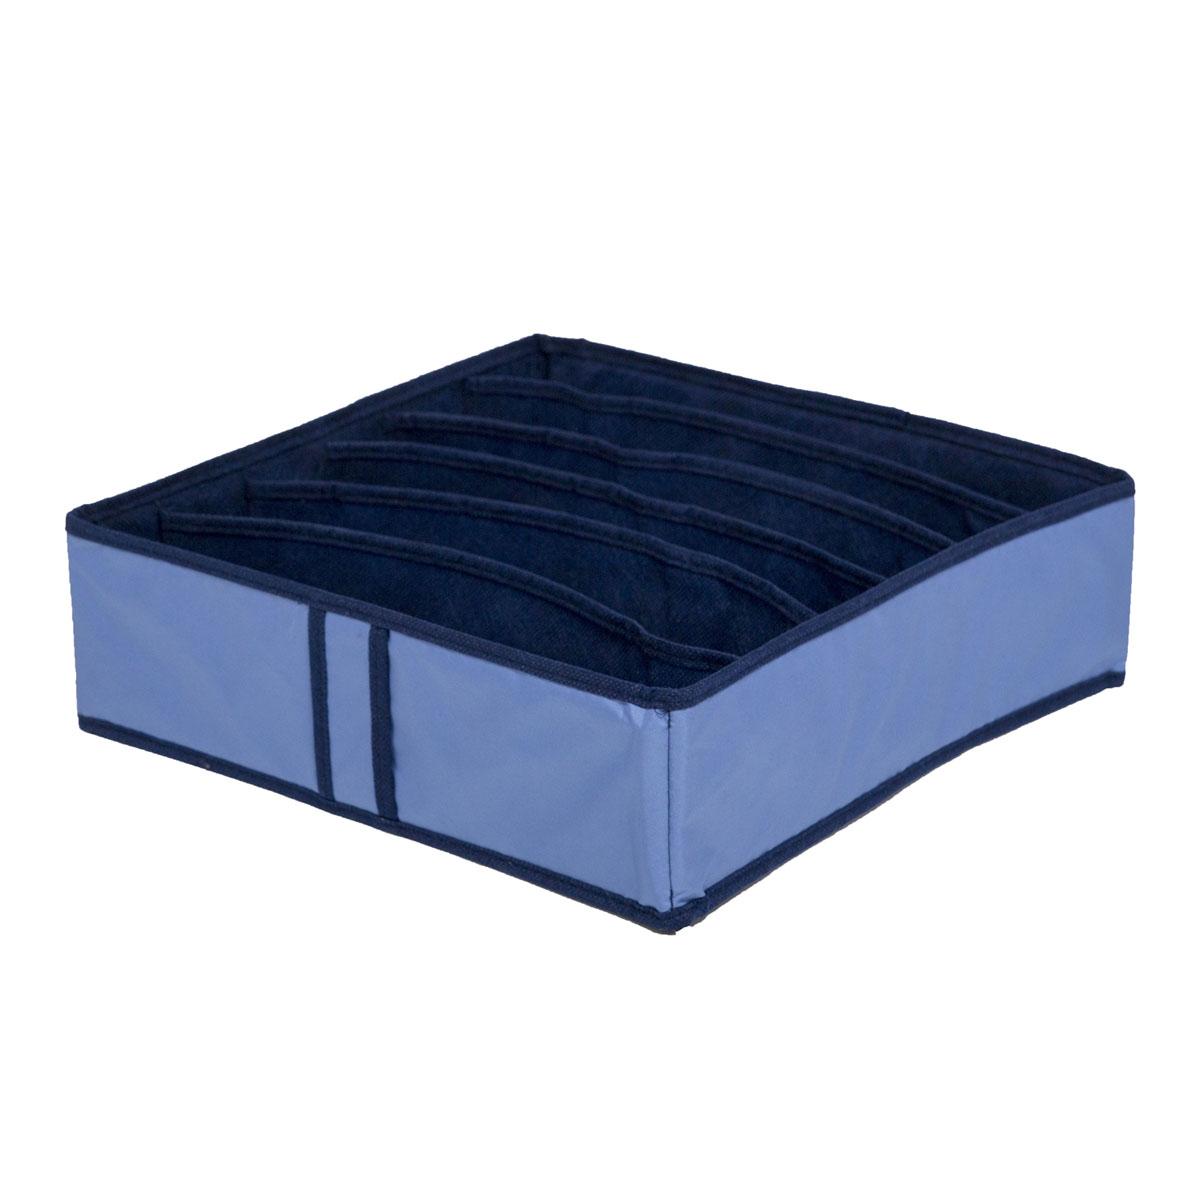 Органайзер для хранения вещей Homsu Bluе Sky, 6 секций, 35 x 35 x 10 см органайзер для хранения нижнего белья homsu bora bora 6 секций 35 x 35 x 10 см